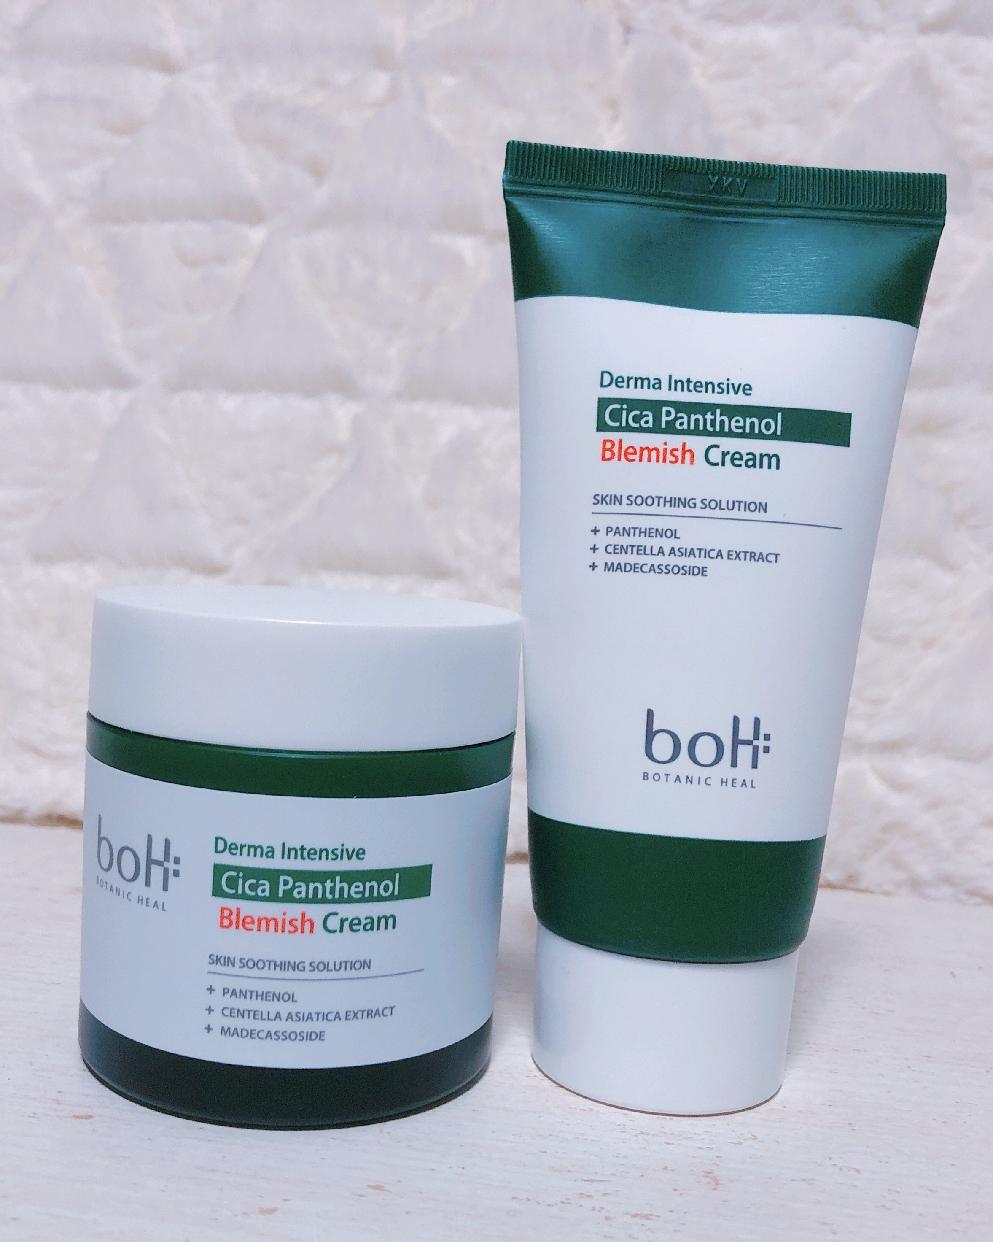 BOTANIC HEAL BOH(ボタニックヒールボ) ダーマインテンシブシカパンテノールブラミッシュクリームを使ったいずみ☘さんのクチコミ画像1